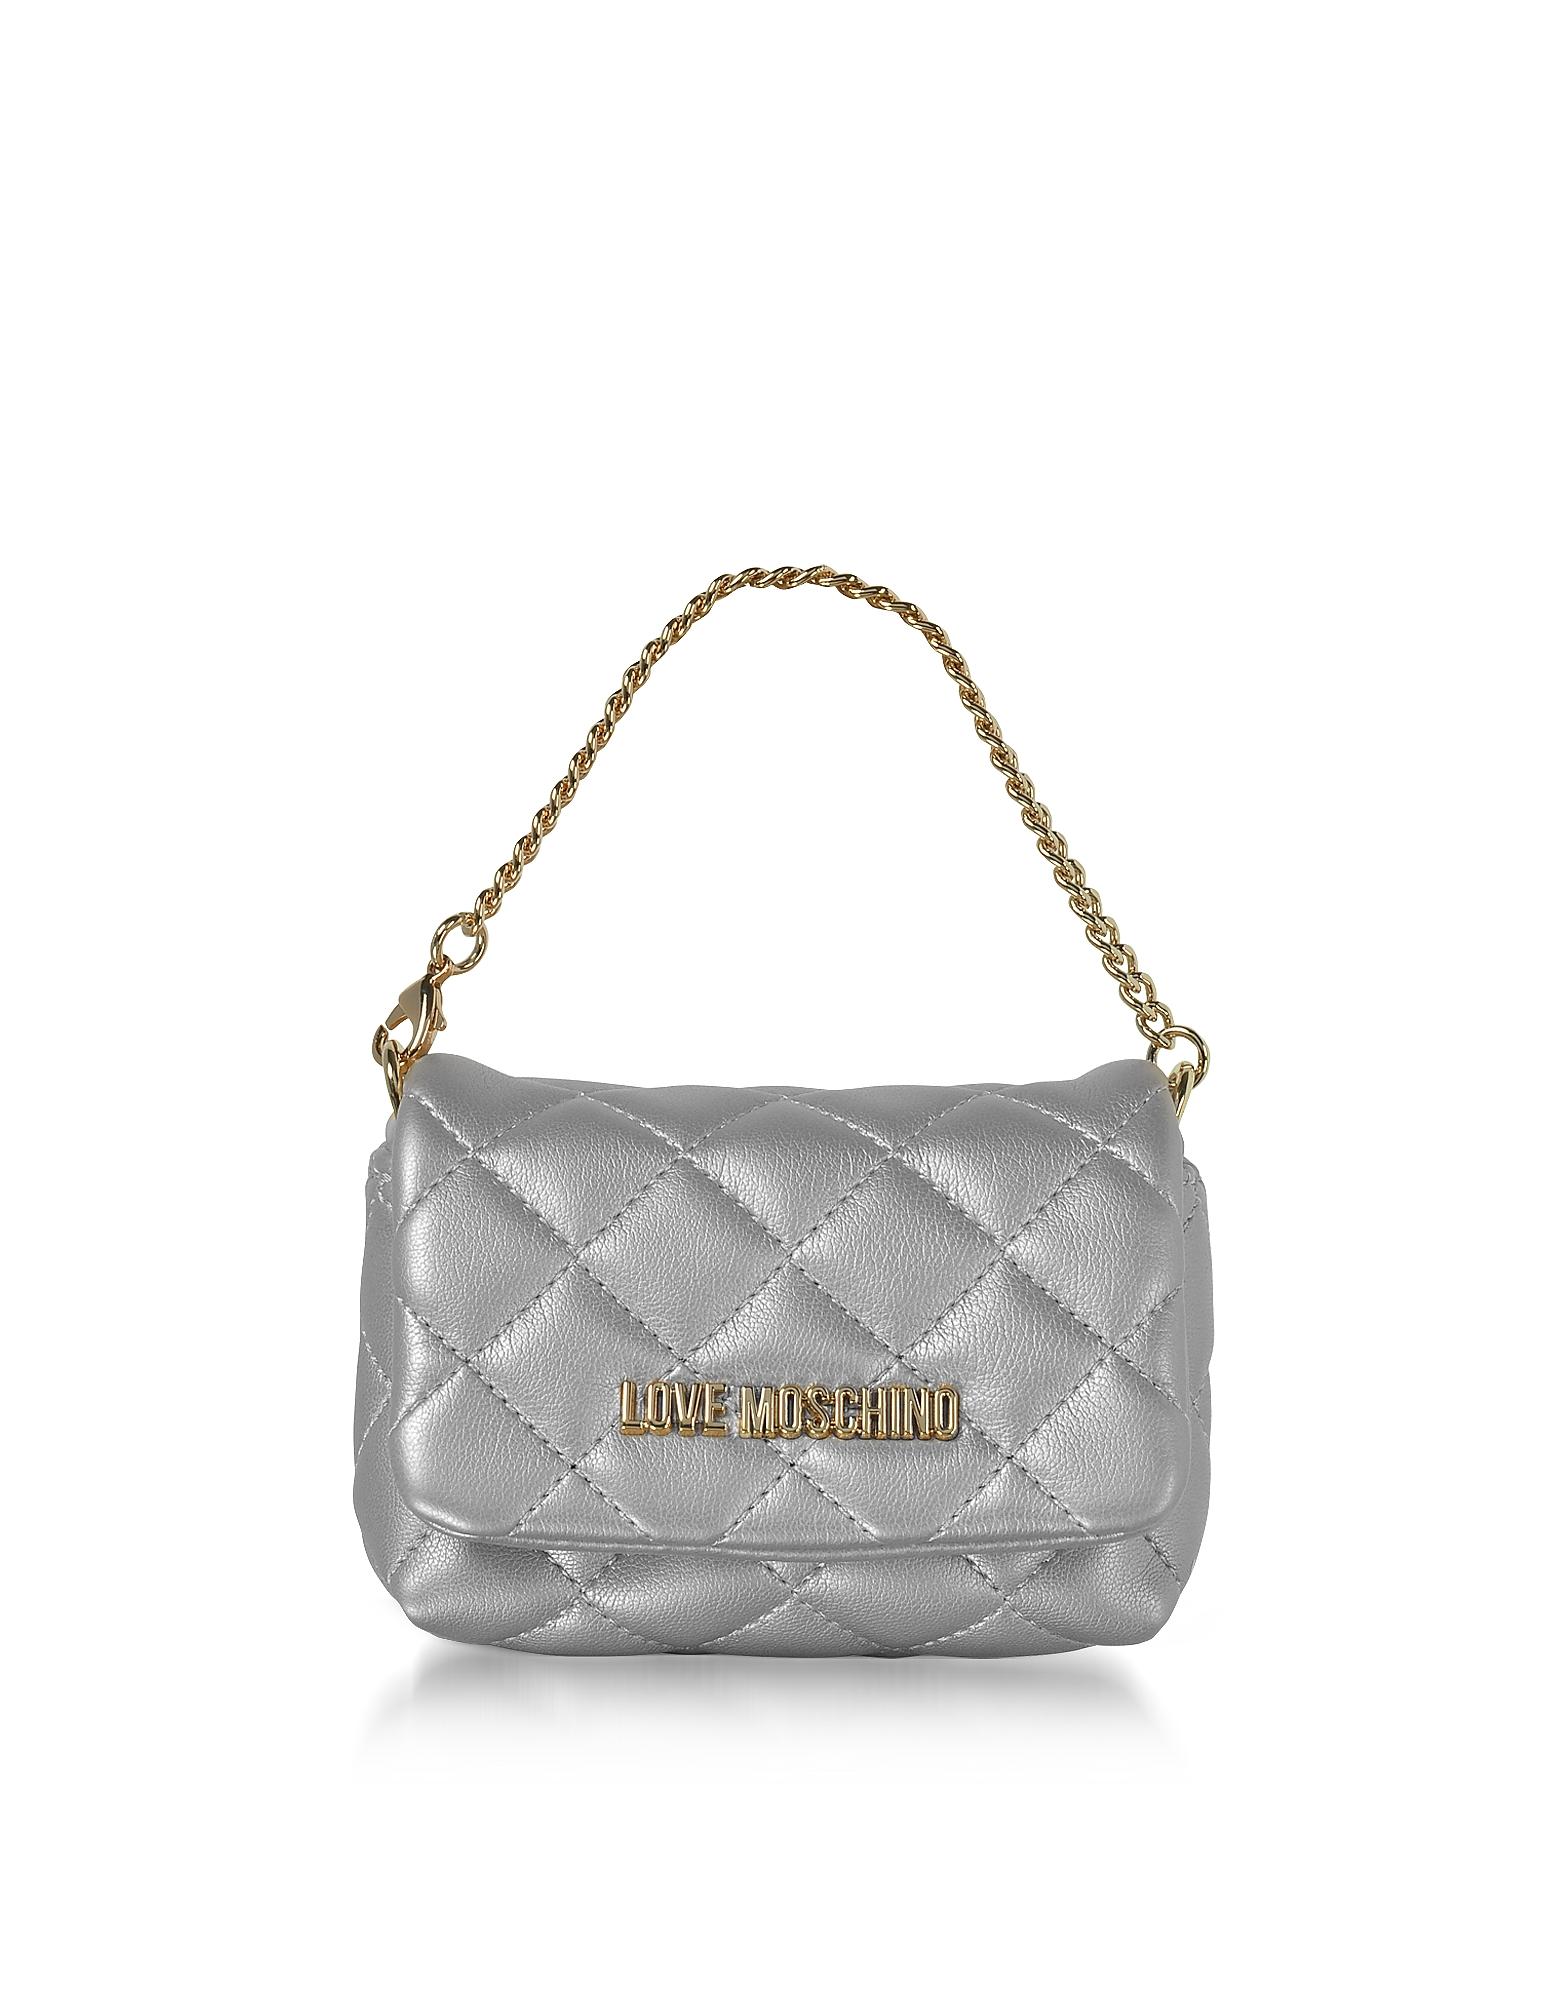 Mini Bag - Серебристый Клатч из Эко Кожи